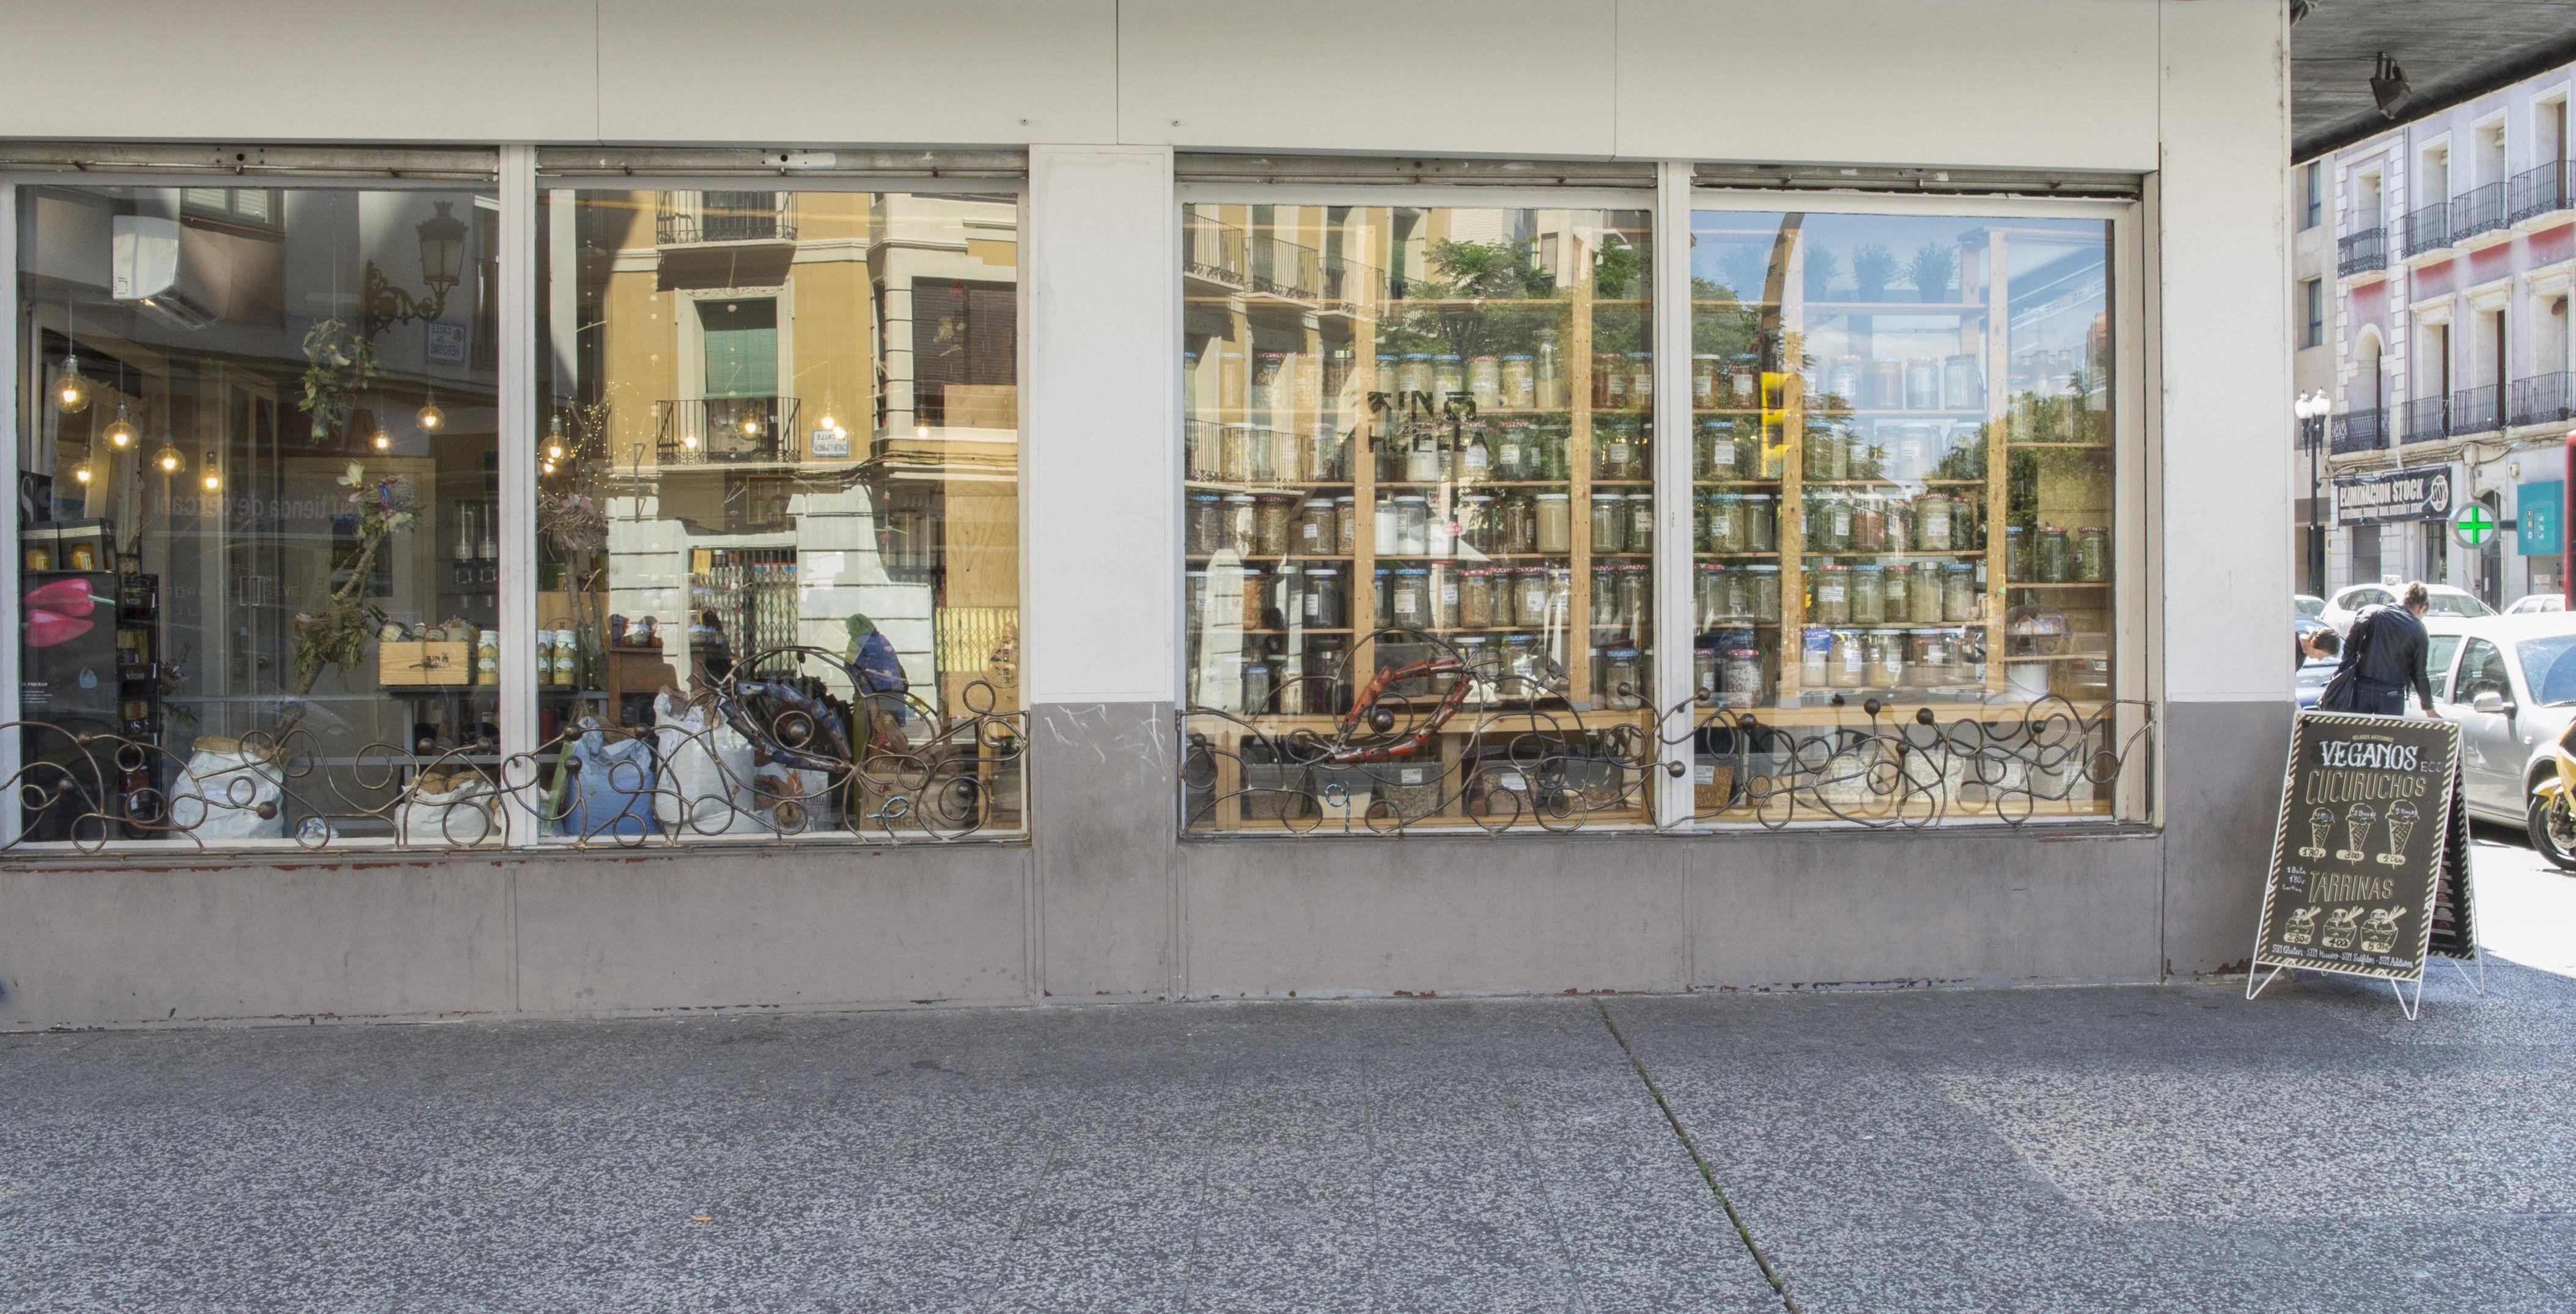 Foto 9 de Tienda de productos ecológicos a granel en Zaragoza   Sin Huella